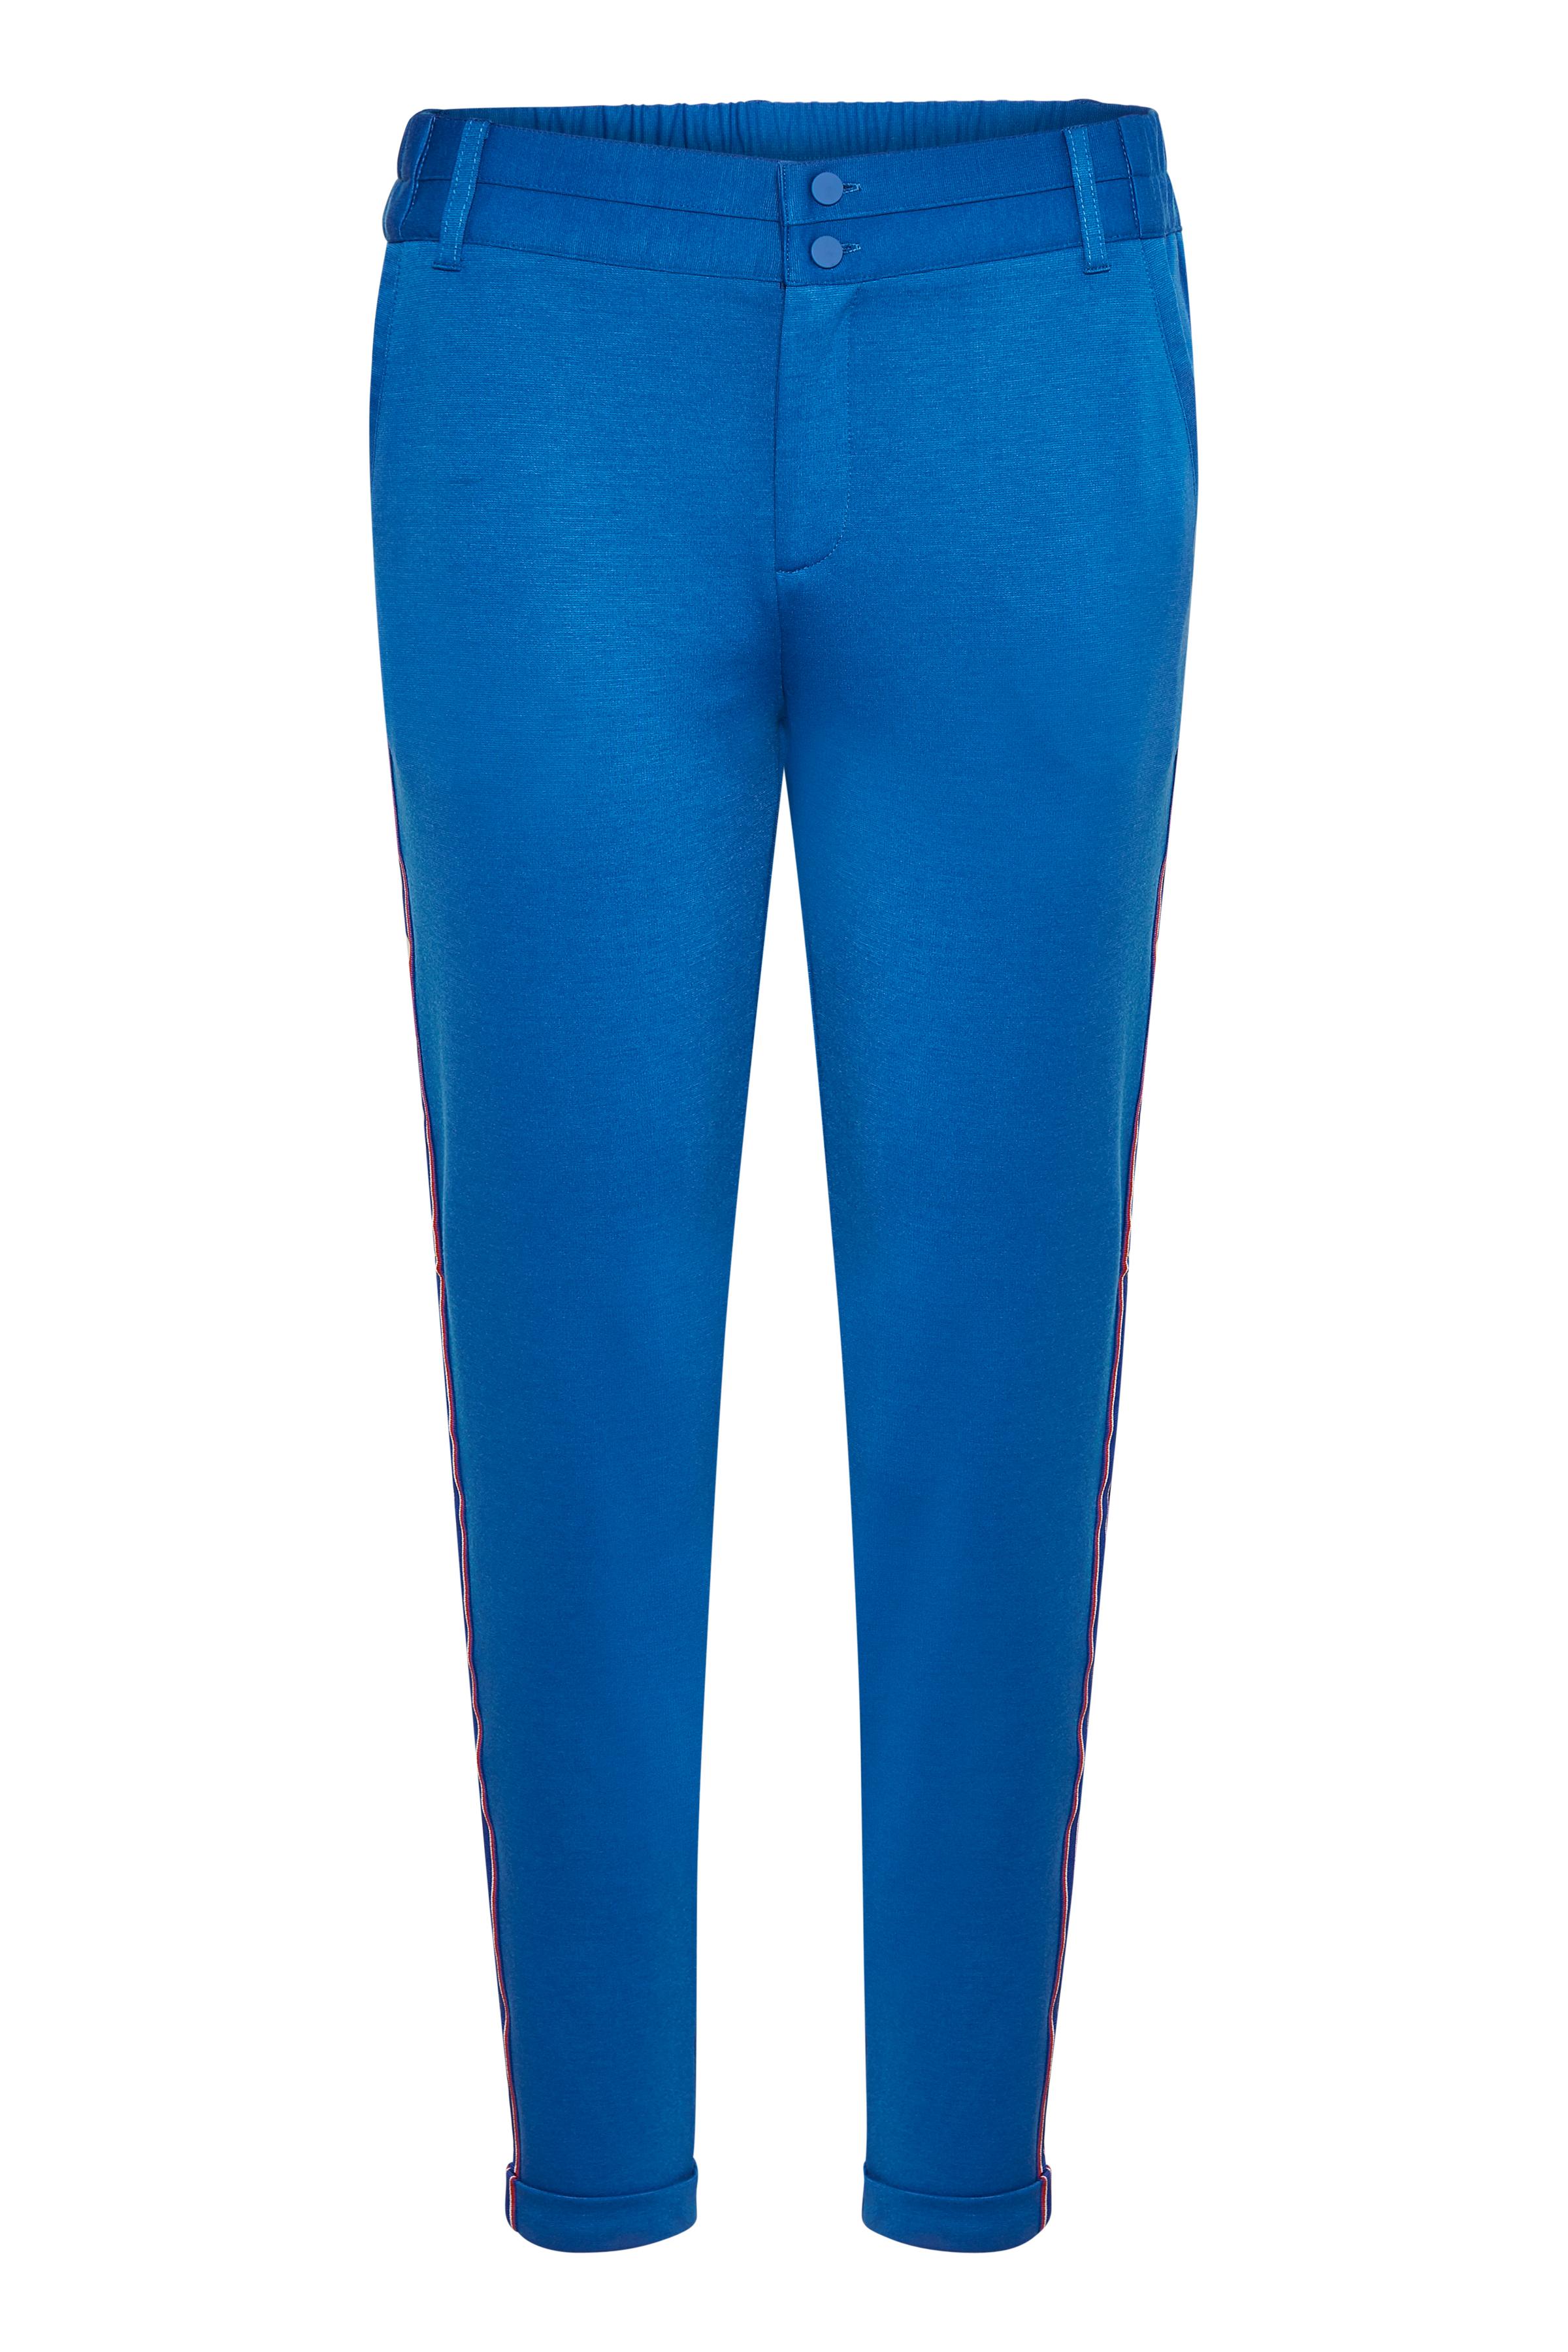 Blue Iolite Bukser fra Kaffe – Køb Blue Iolite Bukser fra str. XS-XXL her